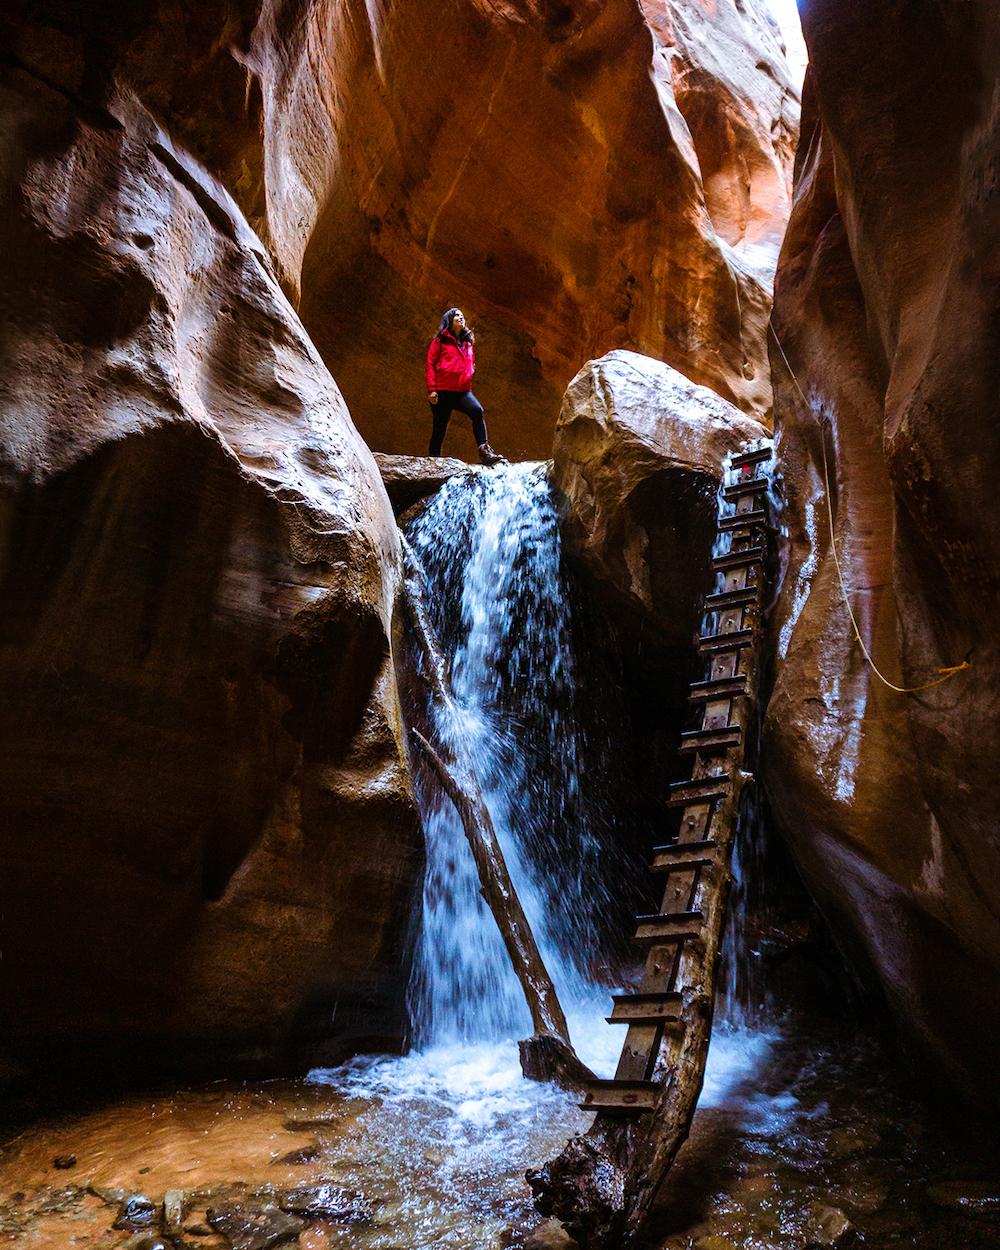 kanarra creek canyon waterfall kanarraville utah